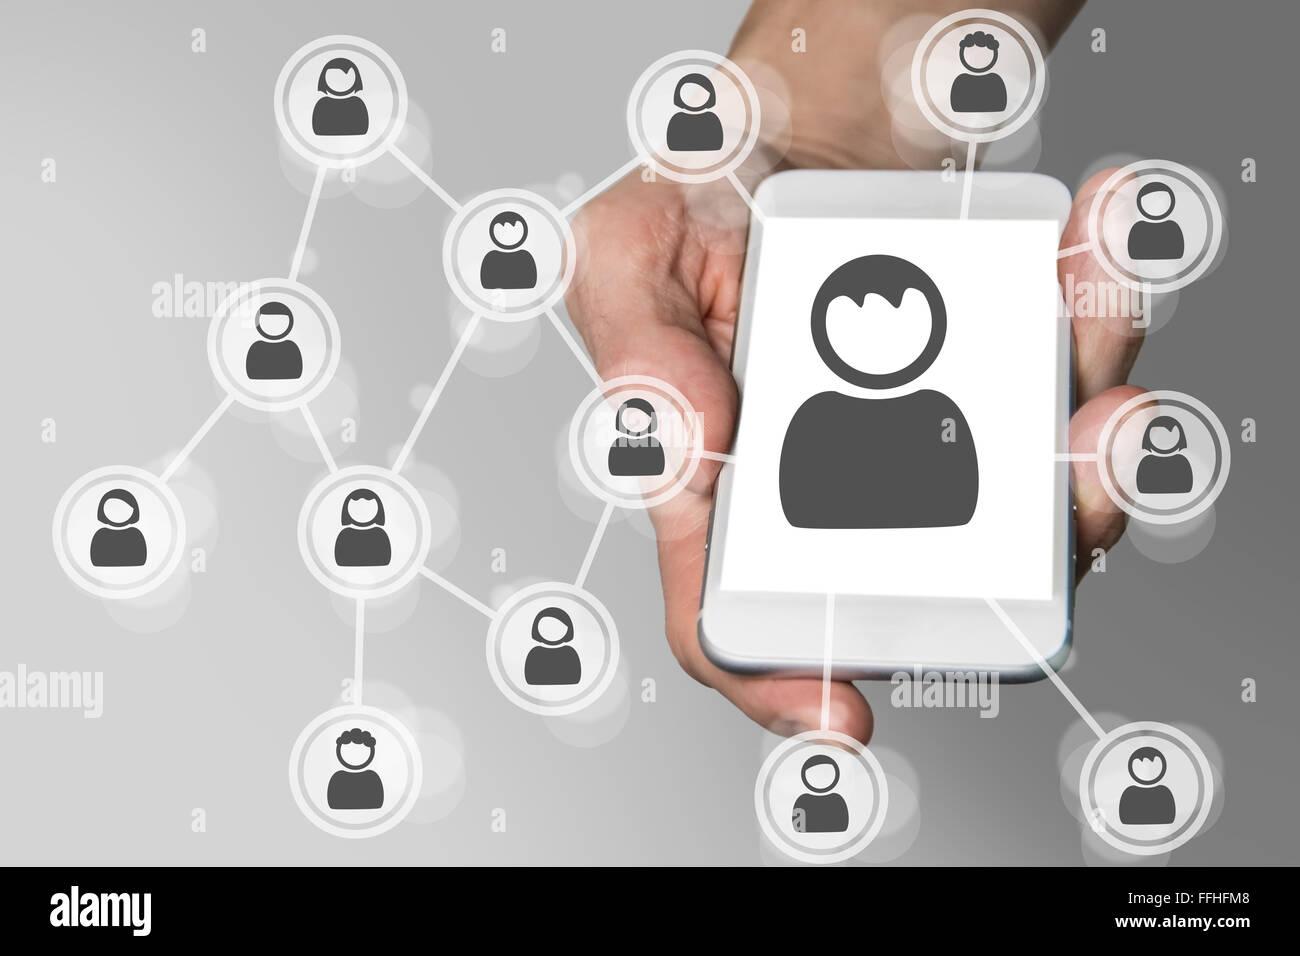 Social network sul dispositivo mobile concetto come smartphone Immagini Stock